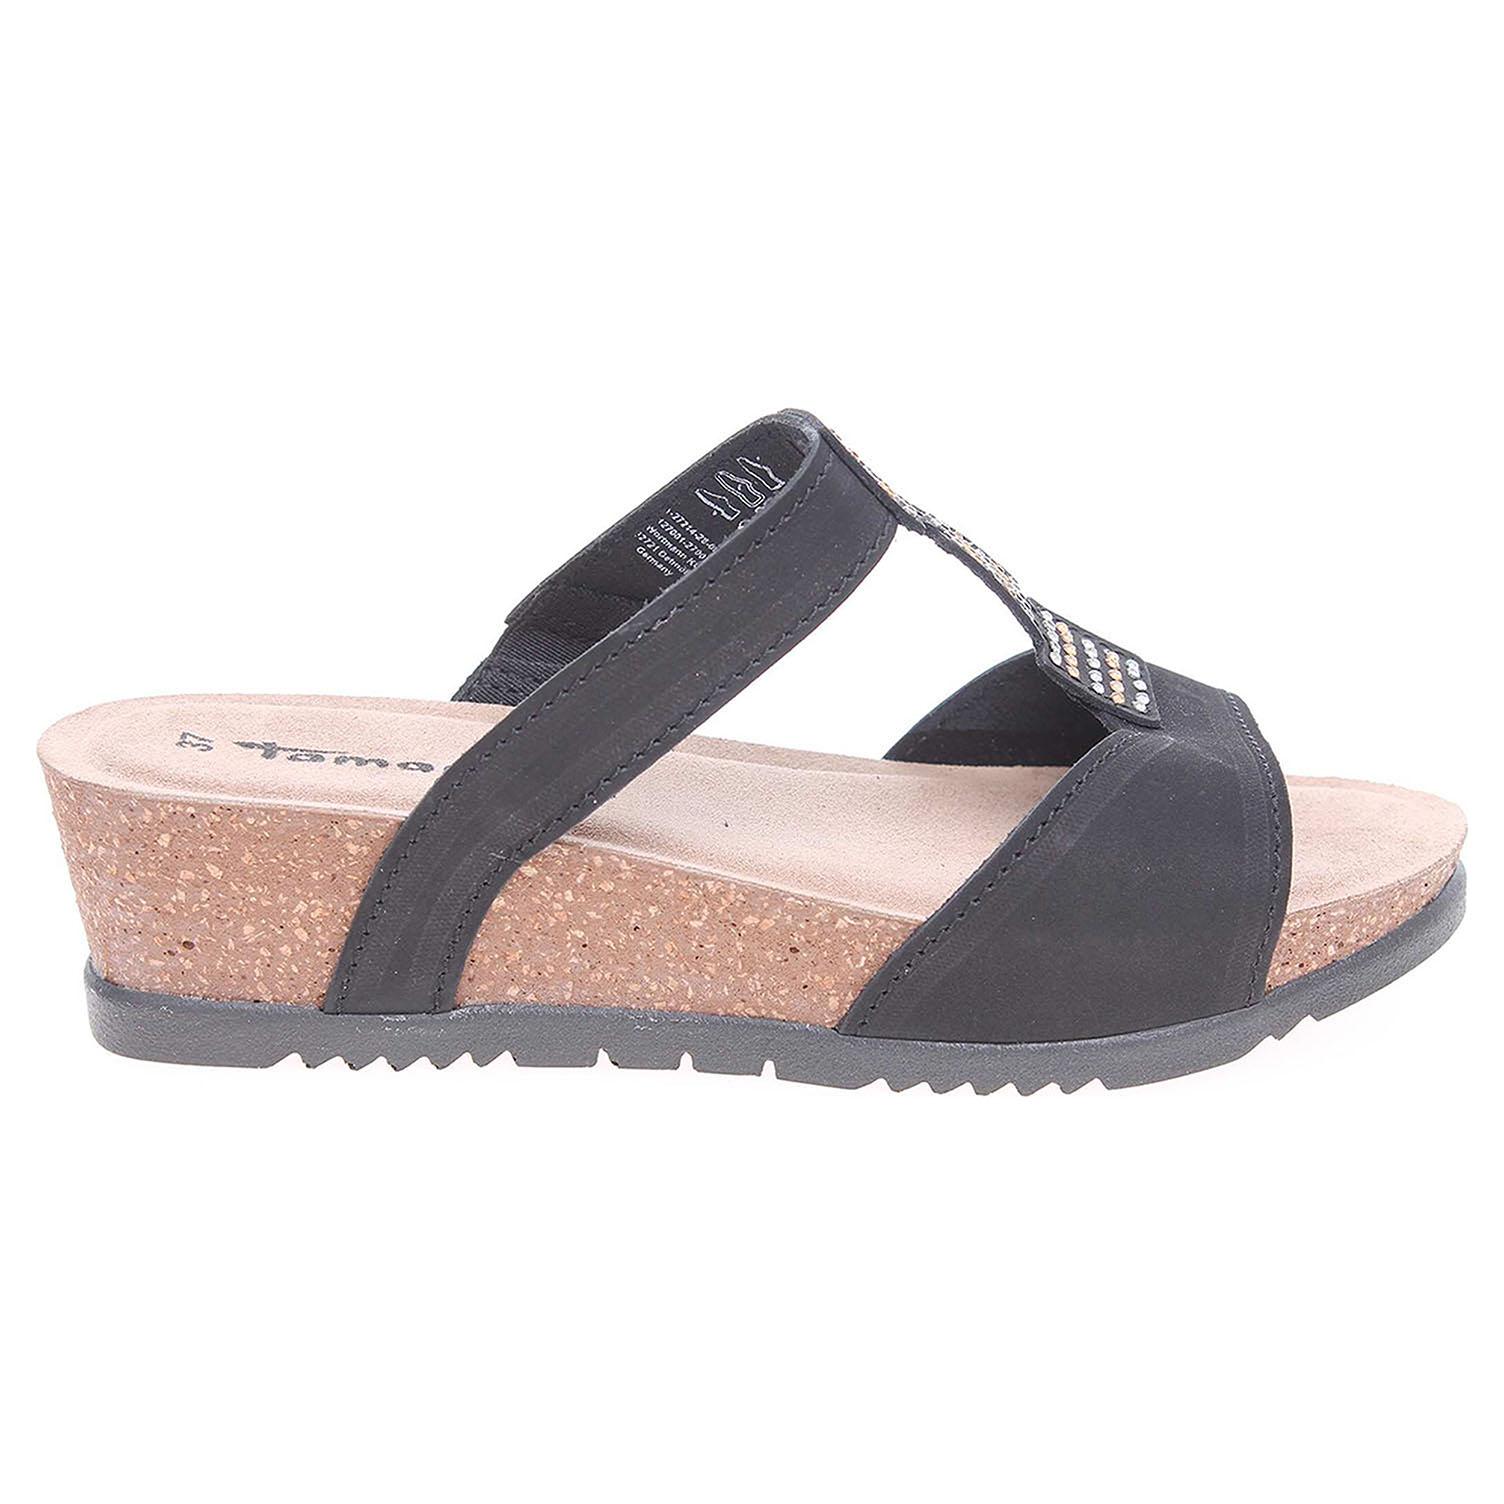 Ecco Tamaris dámské pantofle 1-27214-28 černé 23600758